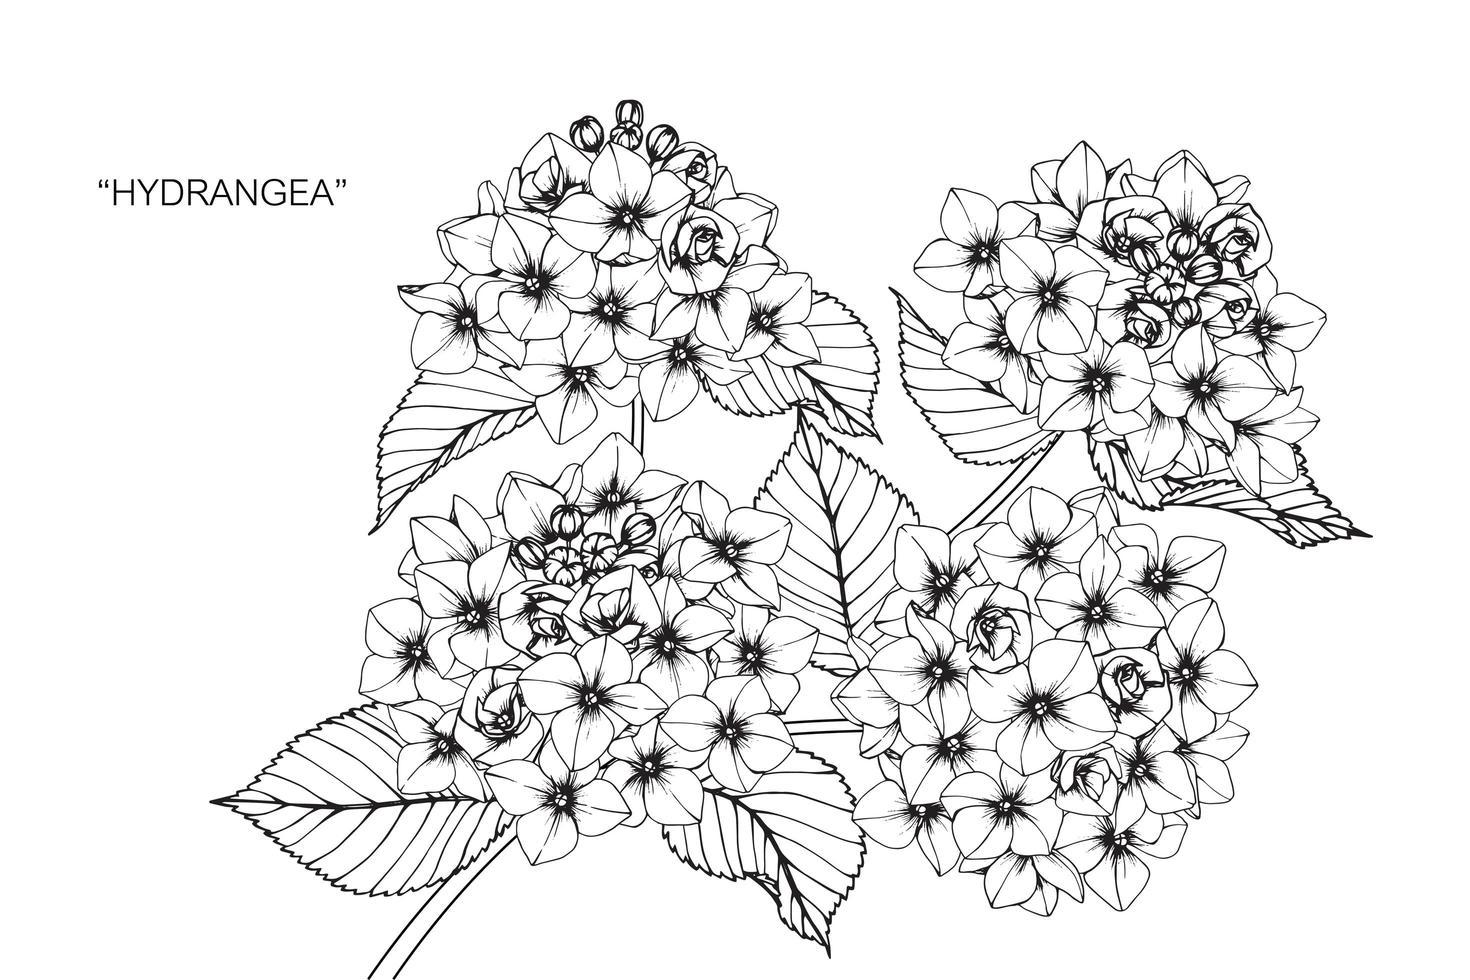 handritad hortensia blomma och blad design vektor